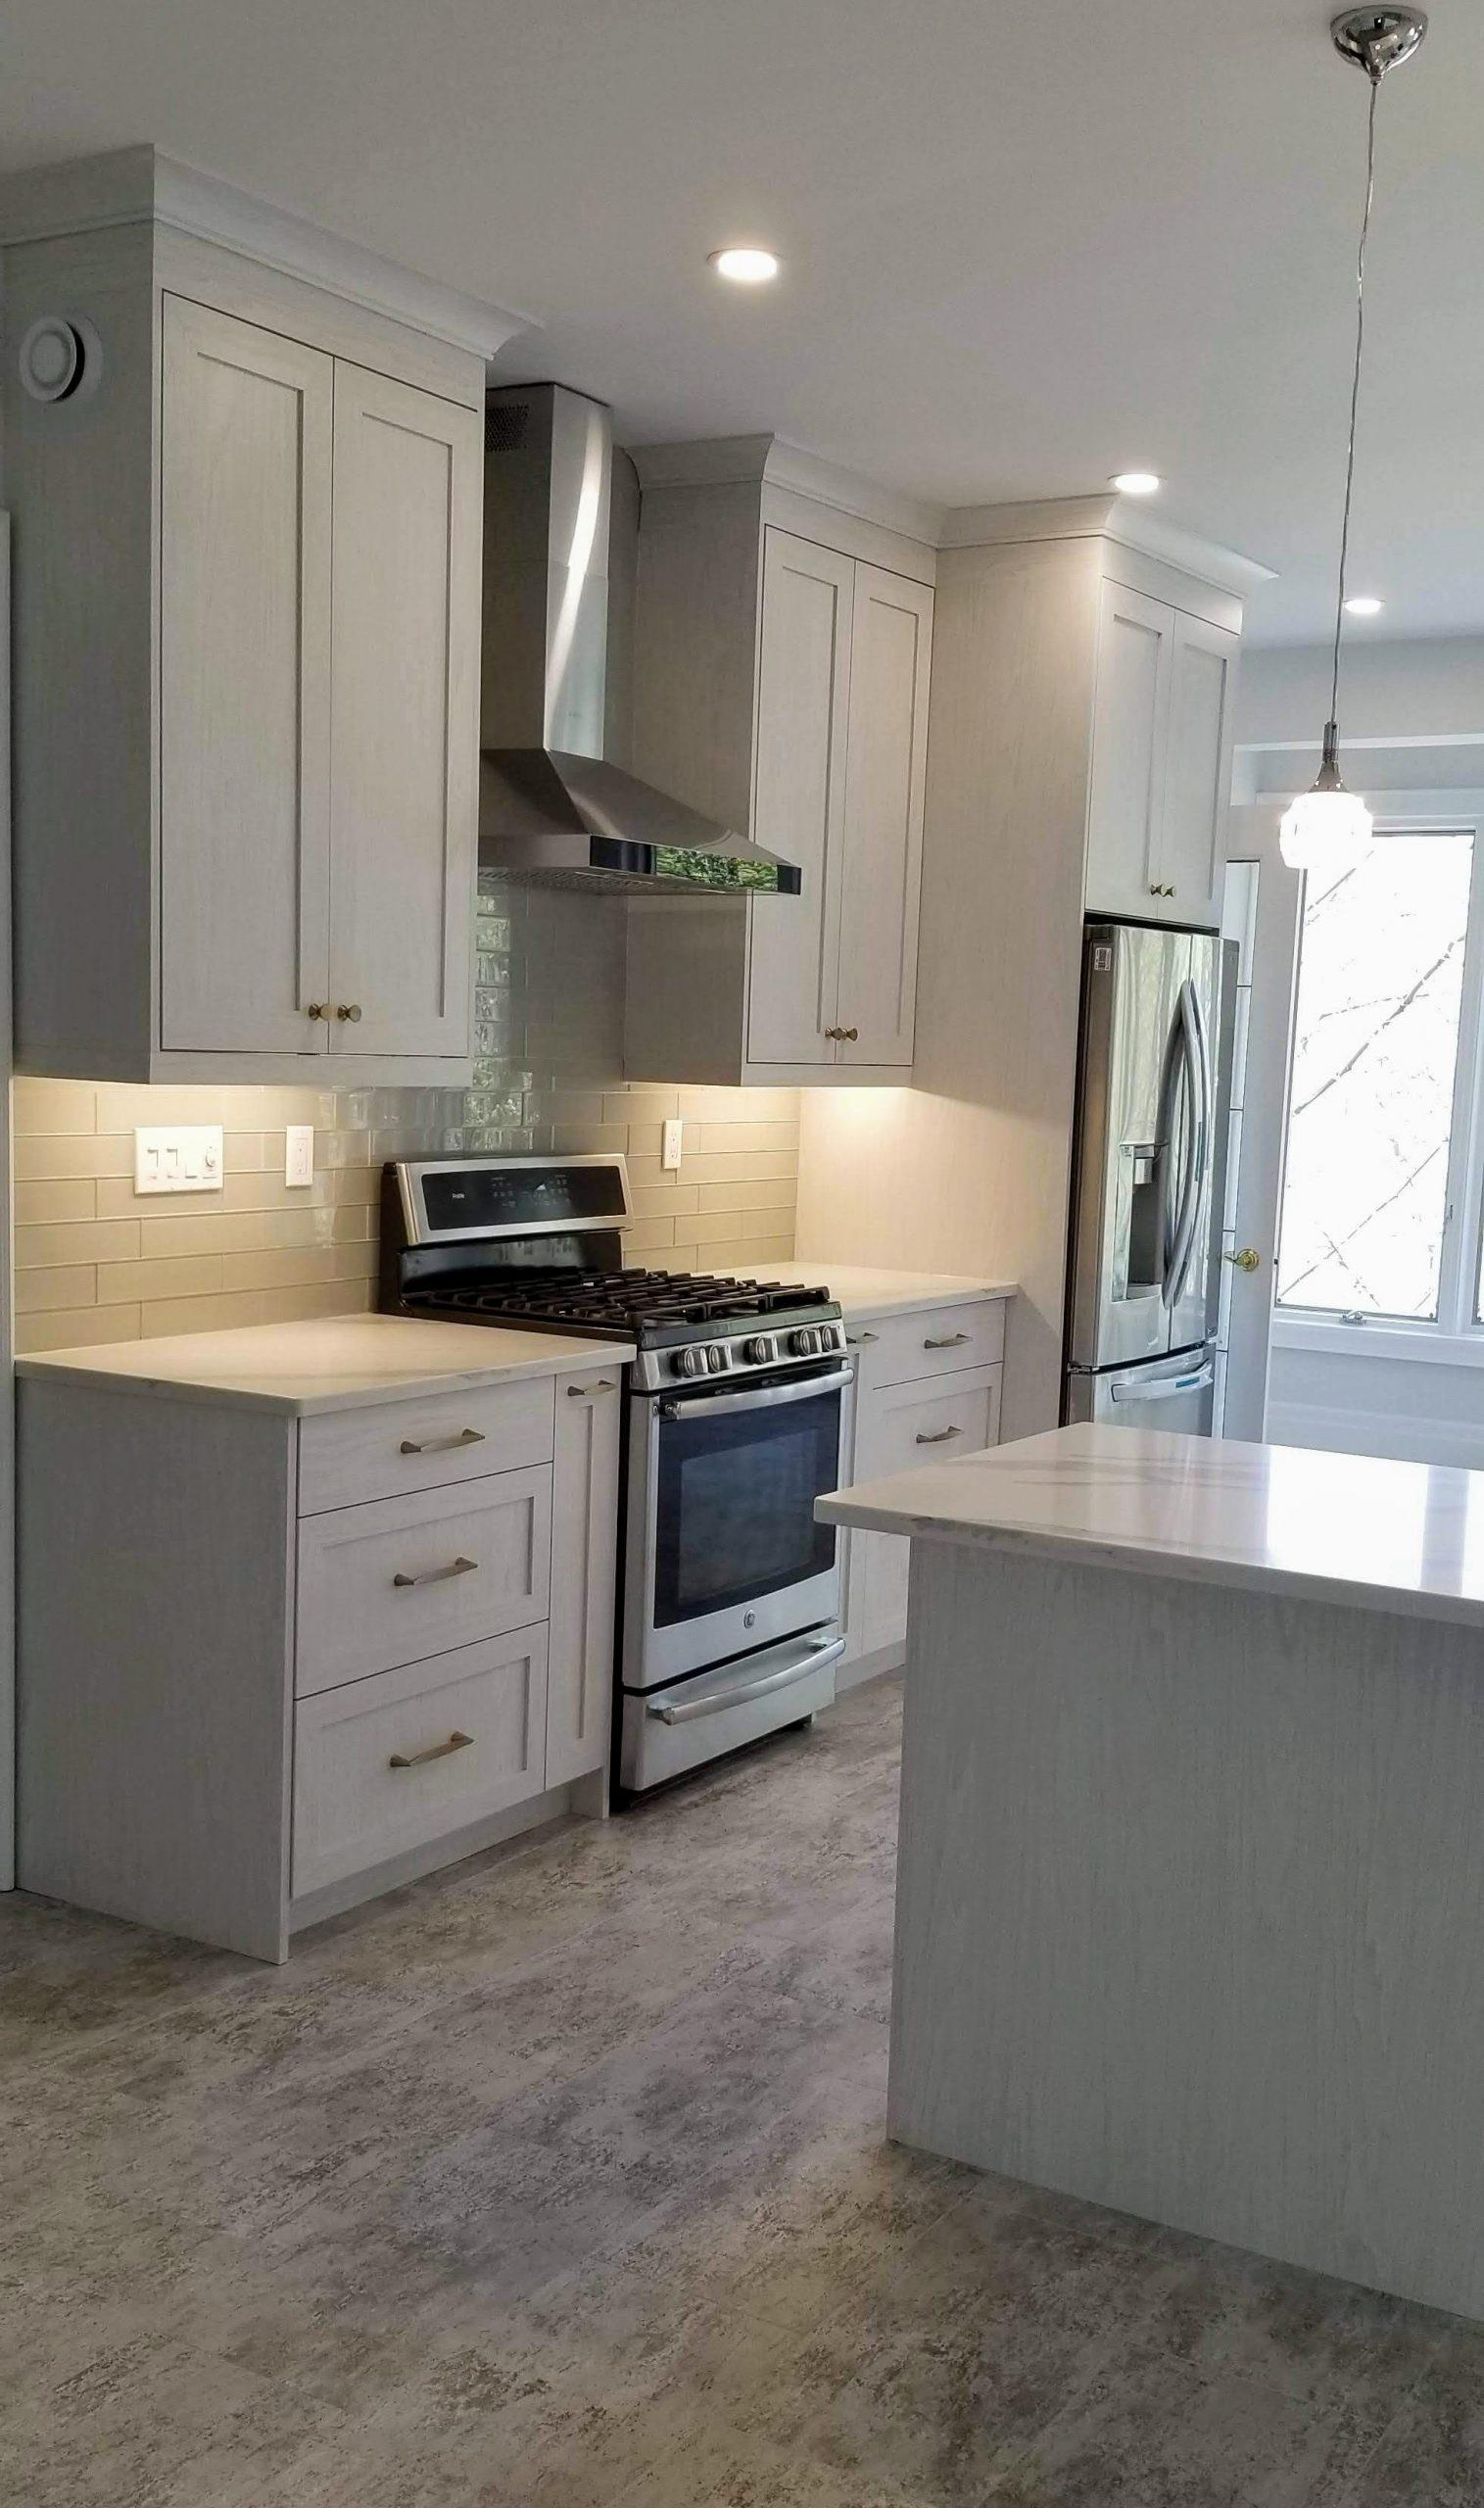 Elegant Kitchen and Living Room Remodel